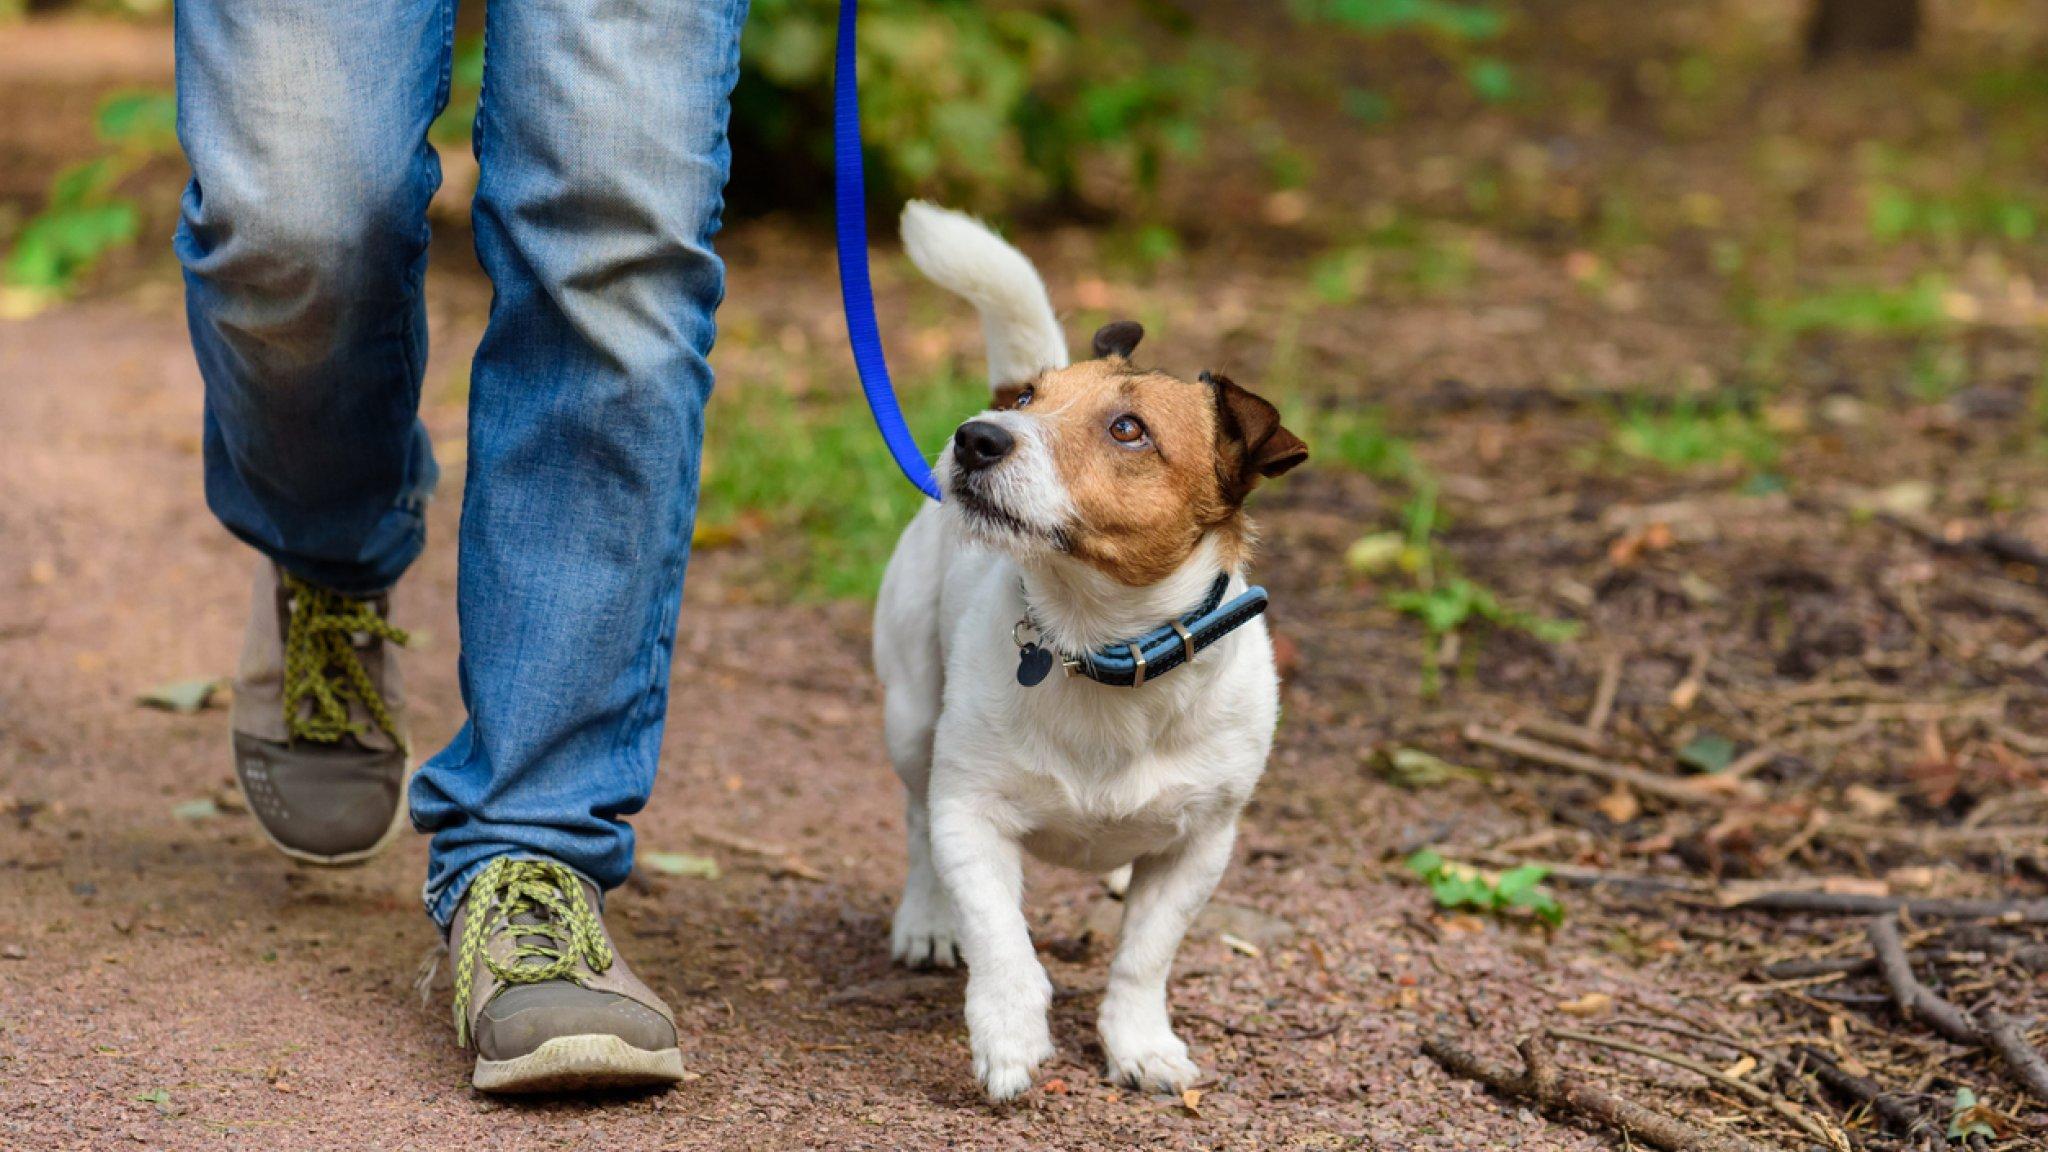 Детям и пьяным жителям Тверской области запретят выгуливать собак